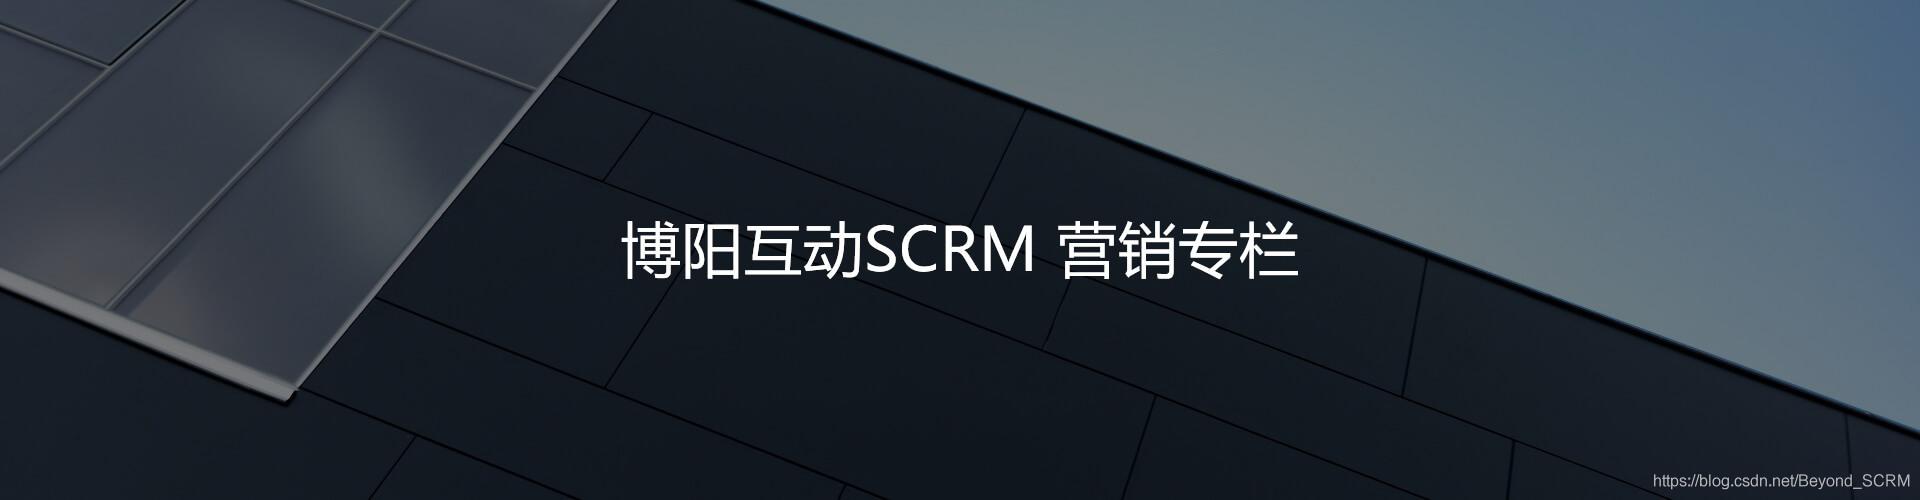 《SCRM会员营销管理软件哪家比较好?怎么选择SCRM会员营销系统?》